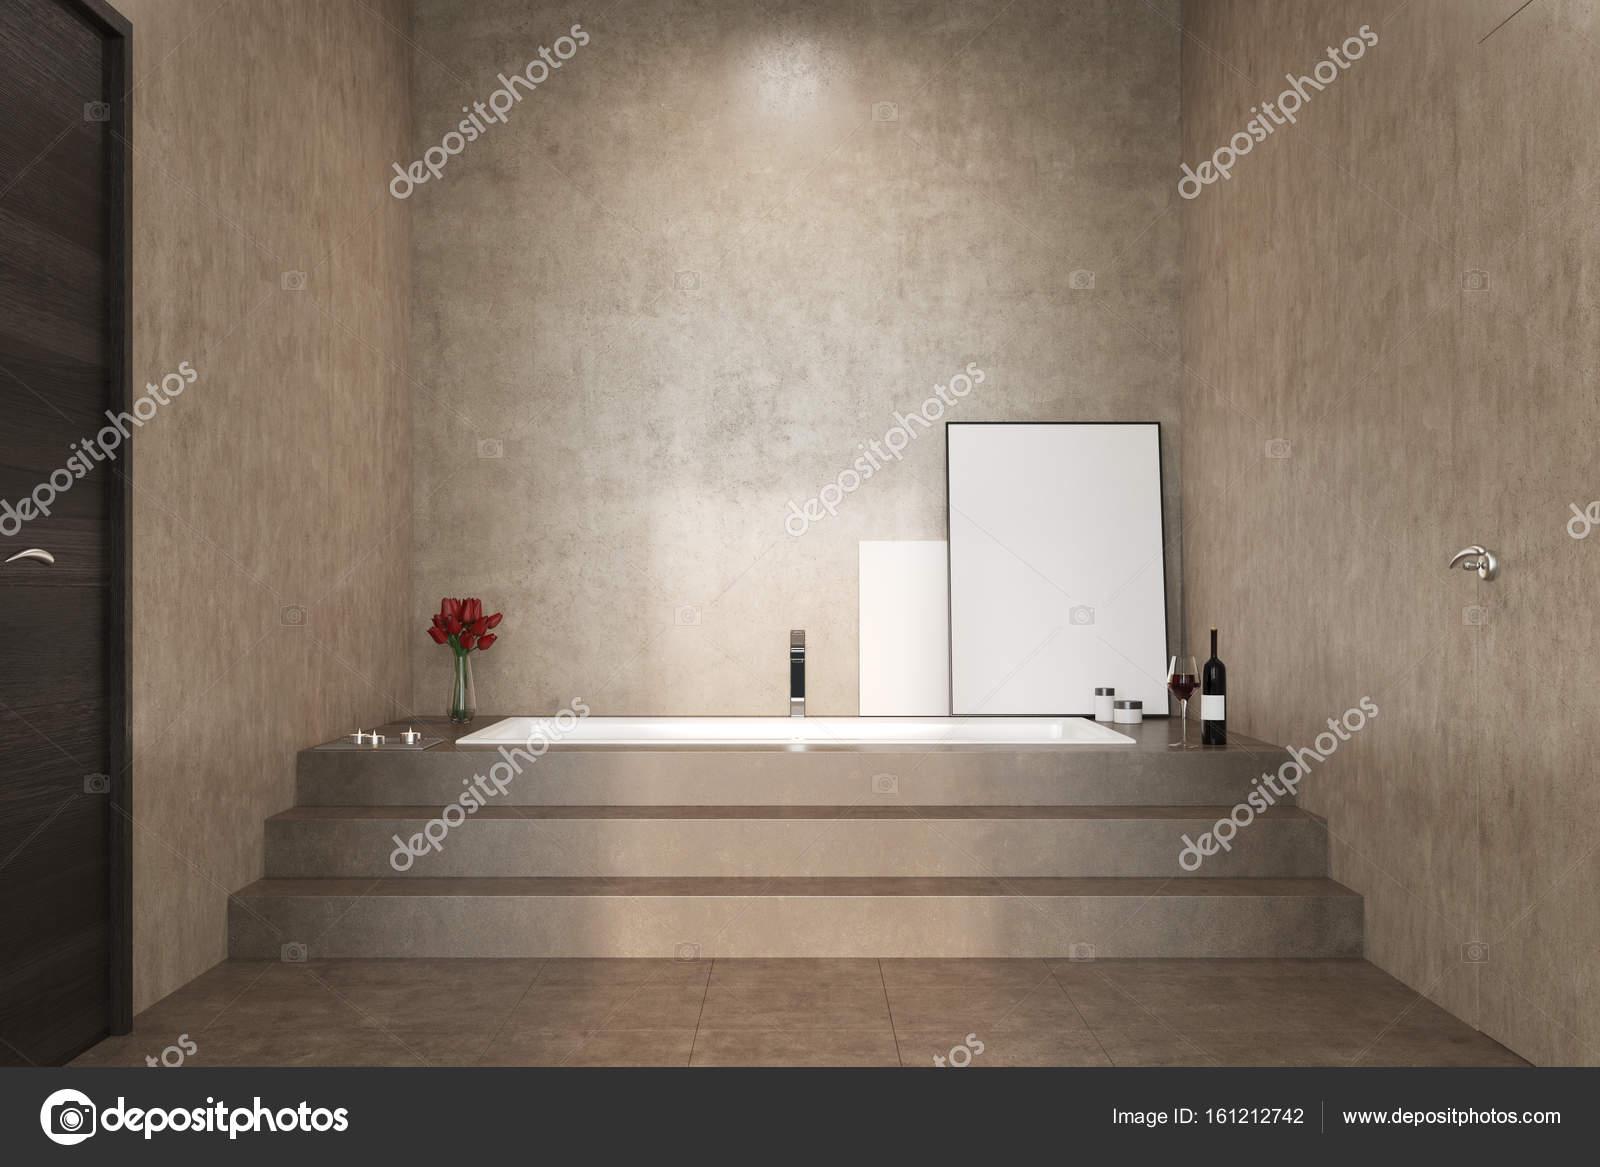 Salle De Bains B Ton Escaliers Et Une Baignoire Photographie